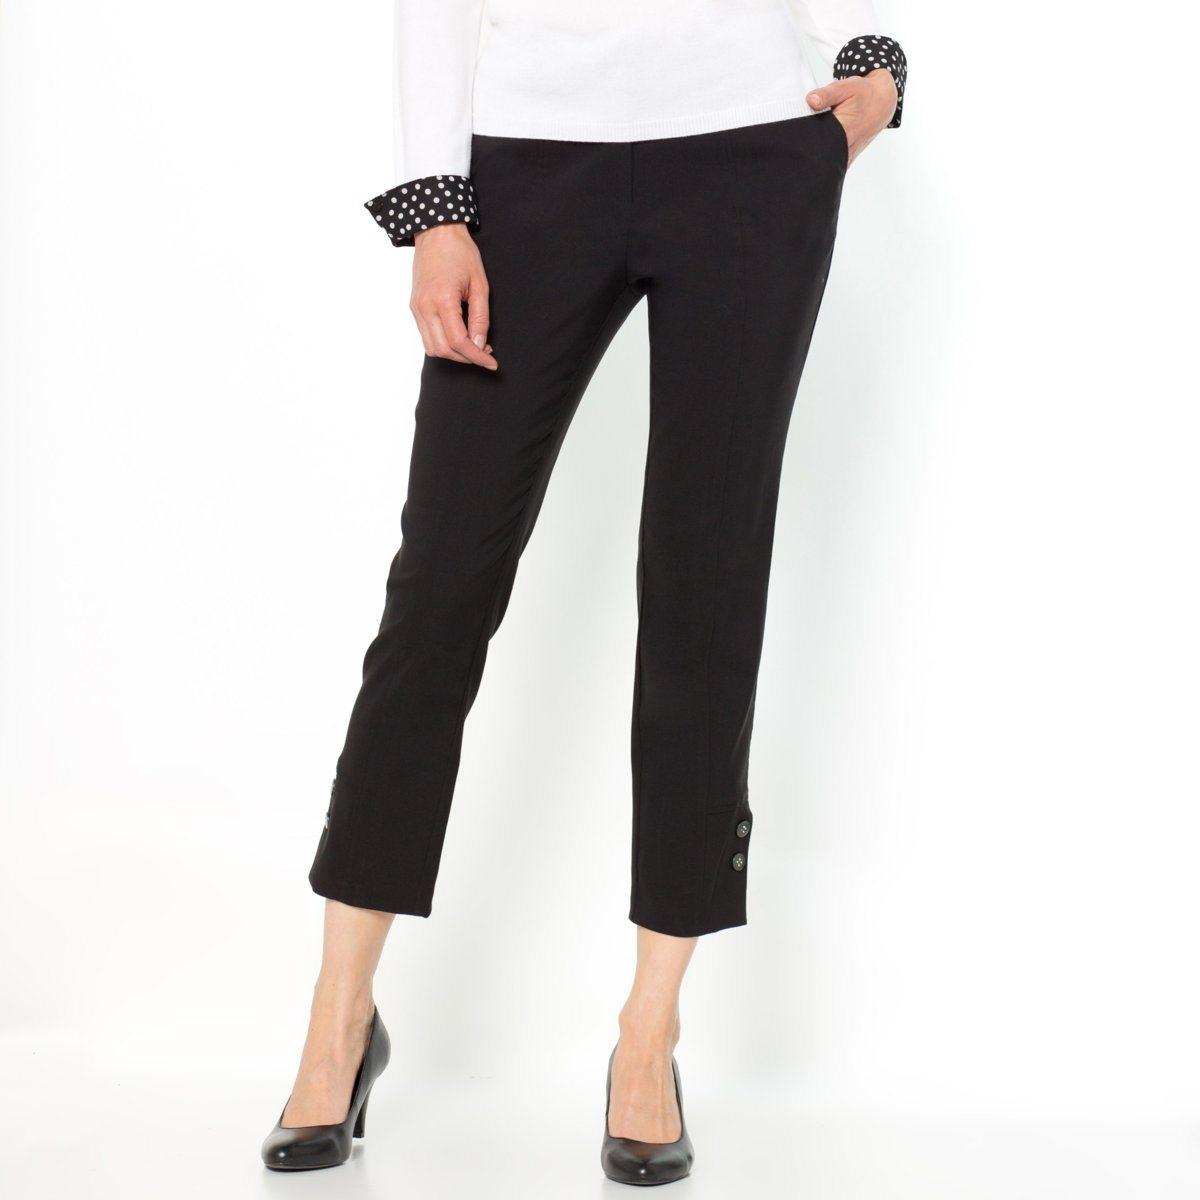 Брюки укороченныеВертикальные швы спереди и сзади делают ноги визуально стройнее. Косые карманы. Боковые разрезы внизу брючин. Длина по внутр.шву 64 см, ширина по низу 16 см. Комфортная ткань стретч, 71% полиэстера, 25% вискозы, 4% эластана.<br><br>Цвет: черный